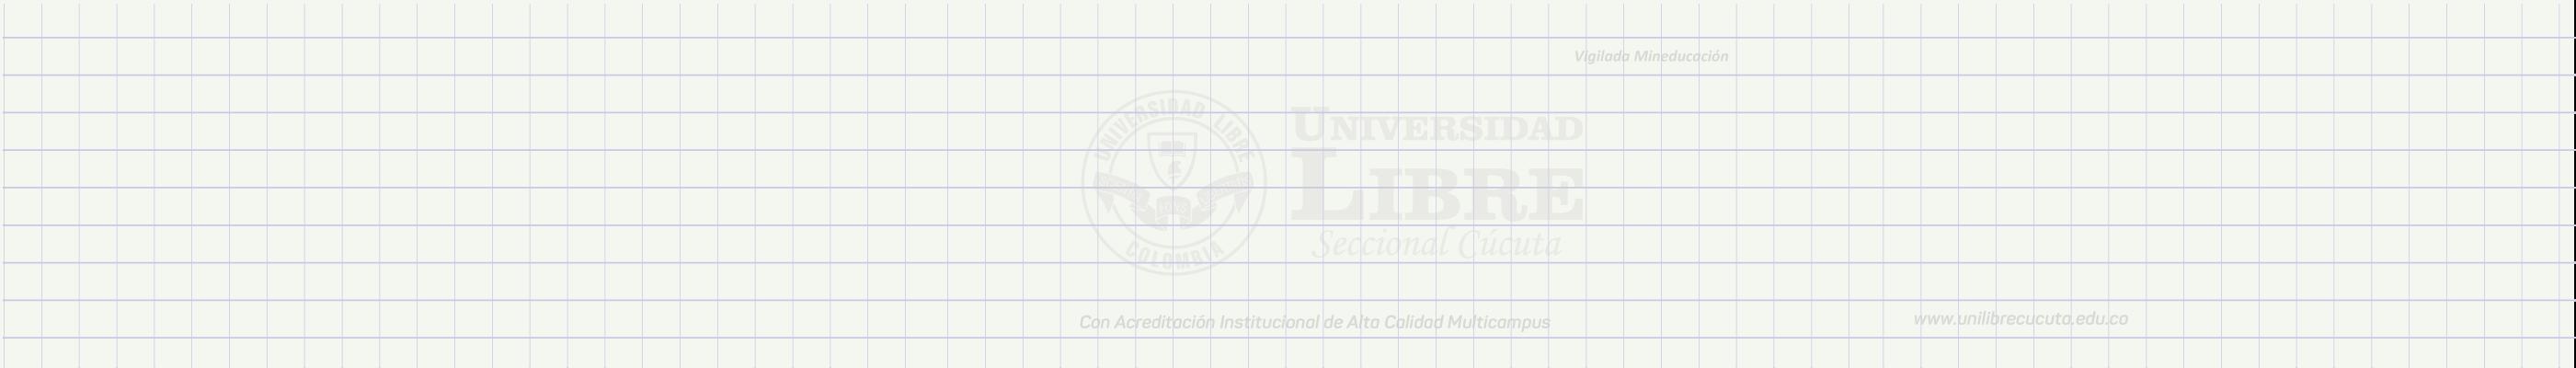 Fondo-ICFES